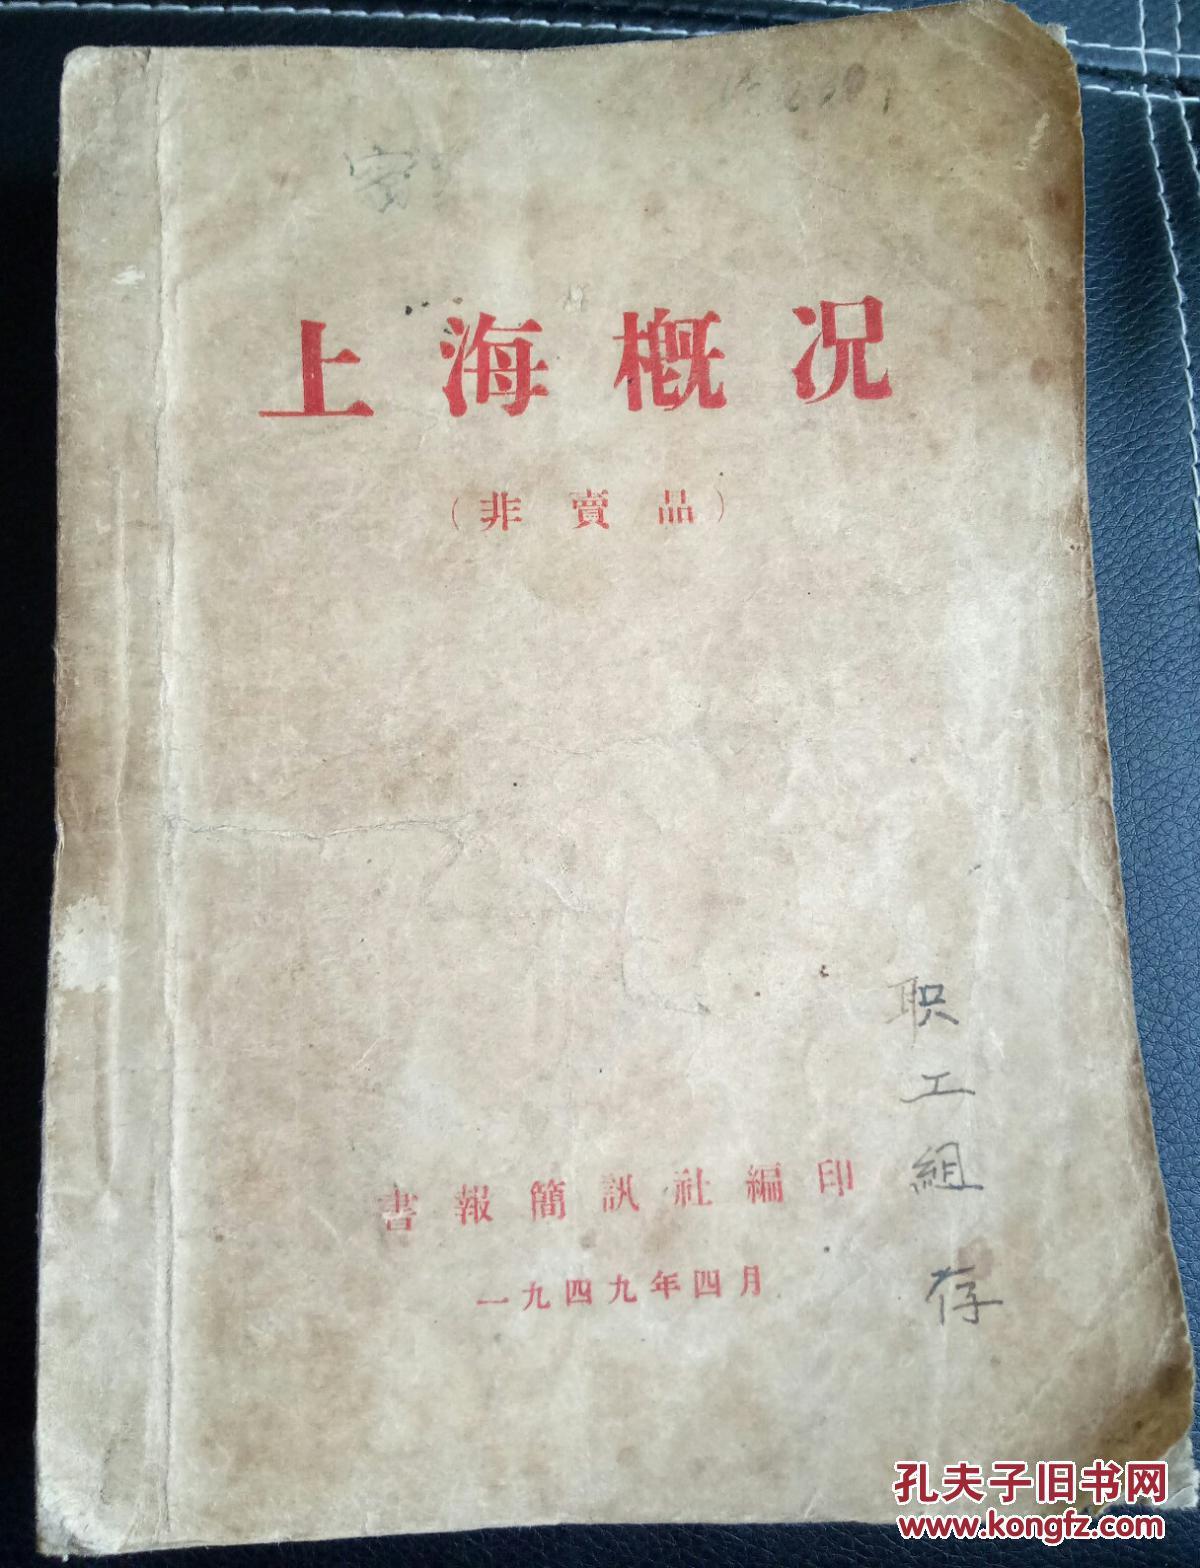 重要简讯历史文献,《上海部门》,1949年4月,中共概况书报以红色情报社小学毕业说课稿图片